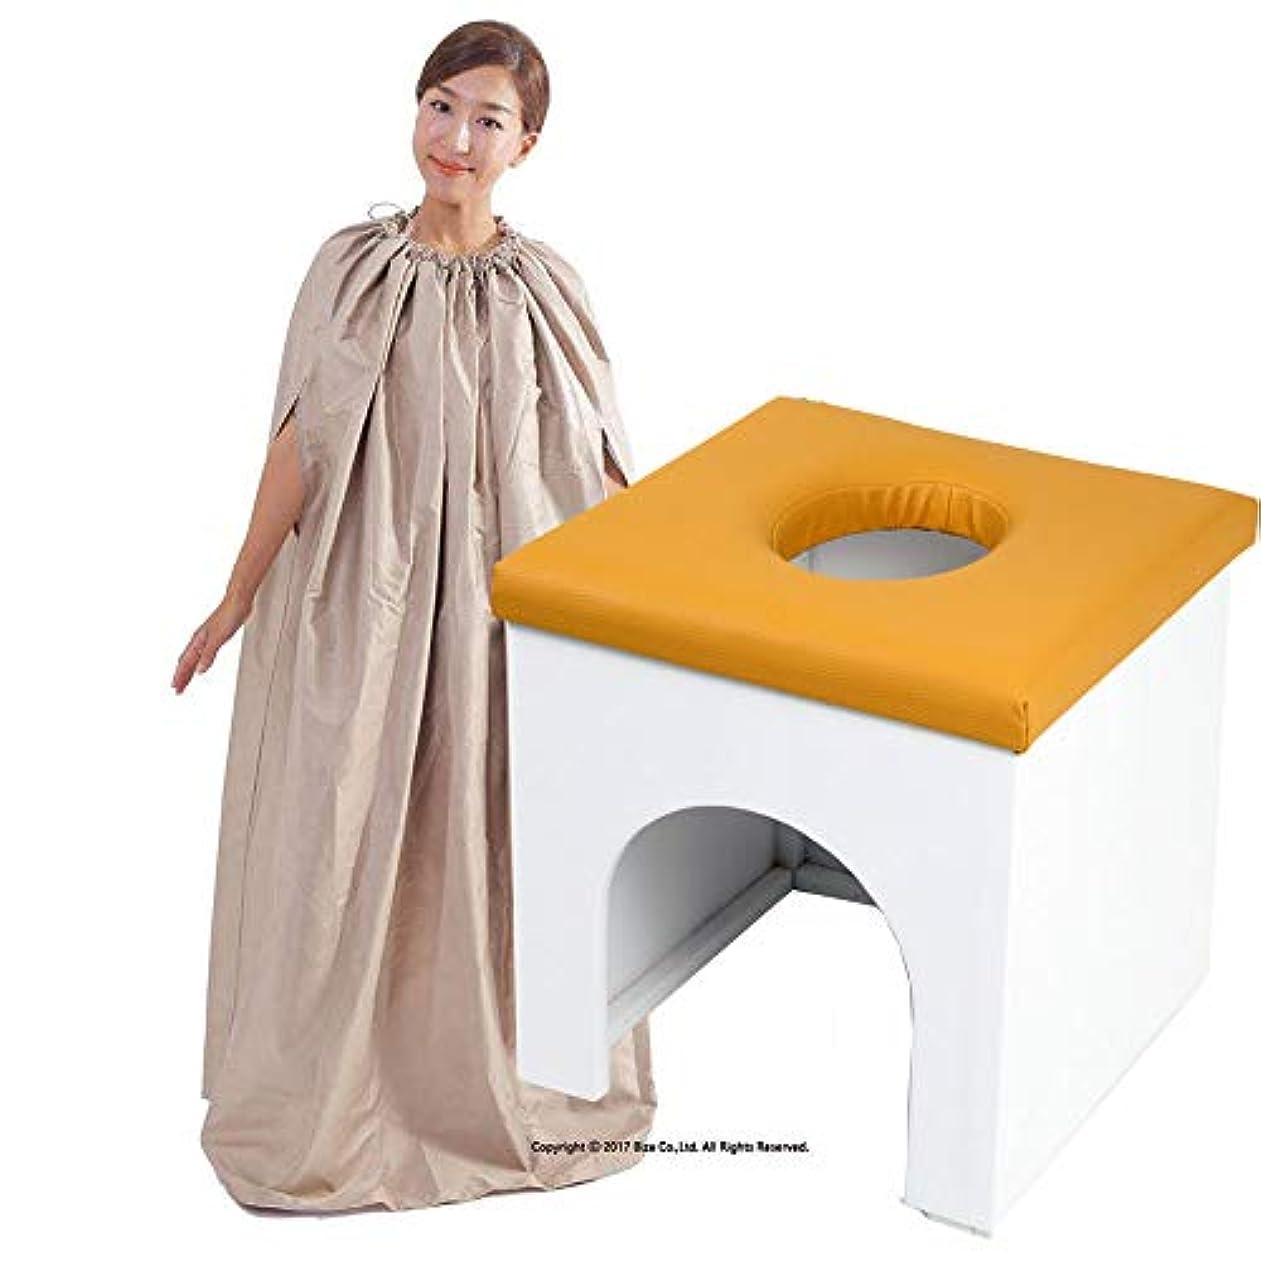 化粧尊厳除外する【WM】まる温よもぎ蒸し【白椅子(マスタードシート)セット】専用マント?薬草60回分?電気鍋【期待通りの満足感をお届けします!】/爽やかなホワイトカラーで、人体に無害な塗装仕上げで通常の椅子より長持ちしま (ベージュ)